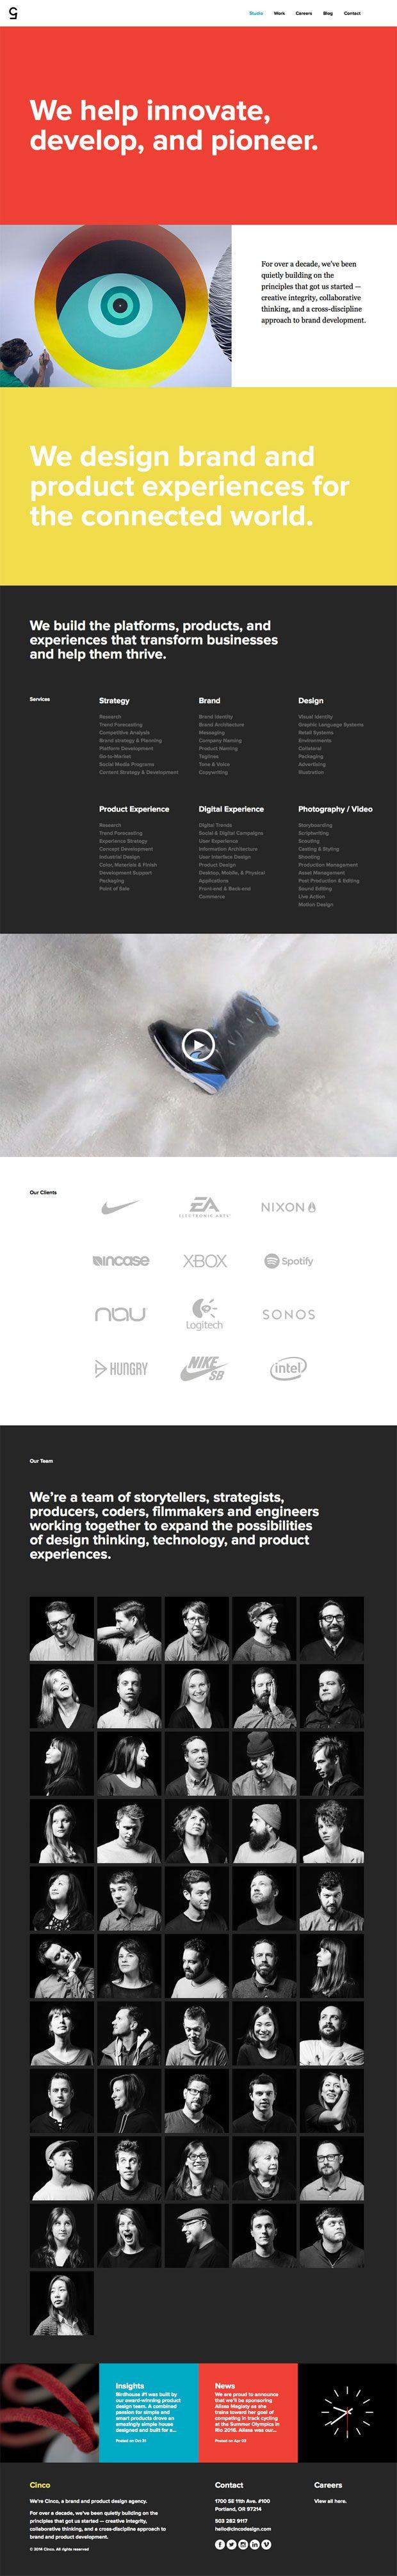 Unique Web Design, Cinco via @bluehall #WebDesign #Design